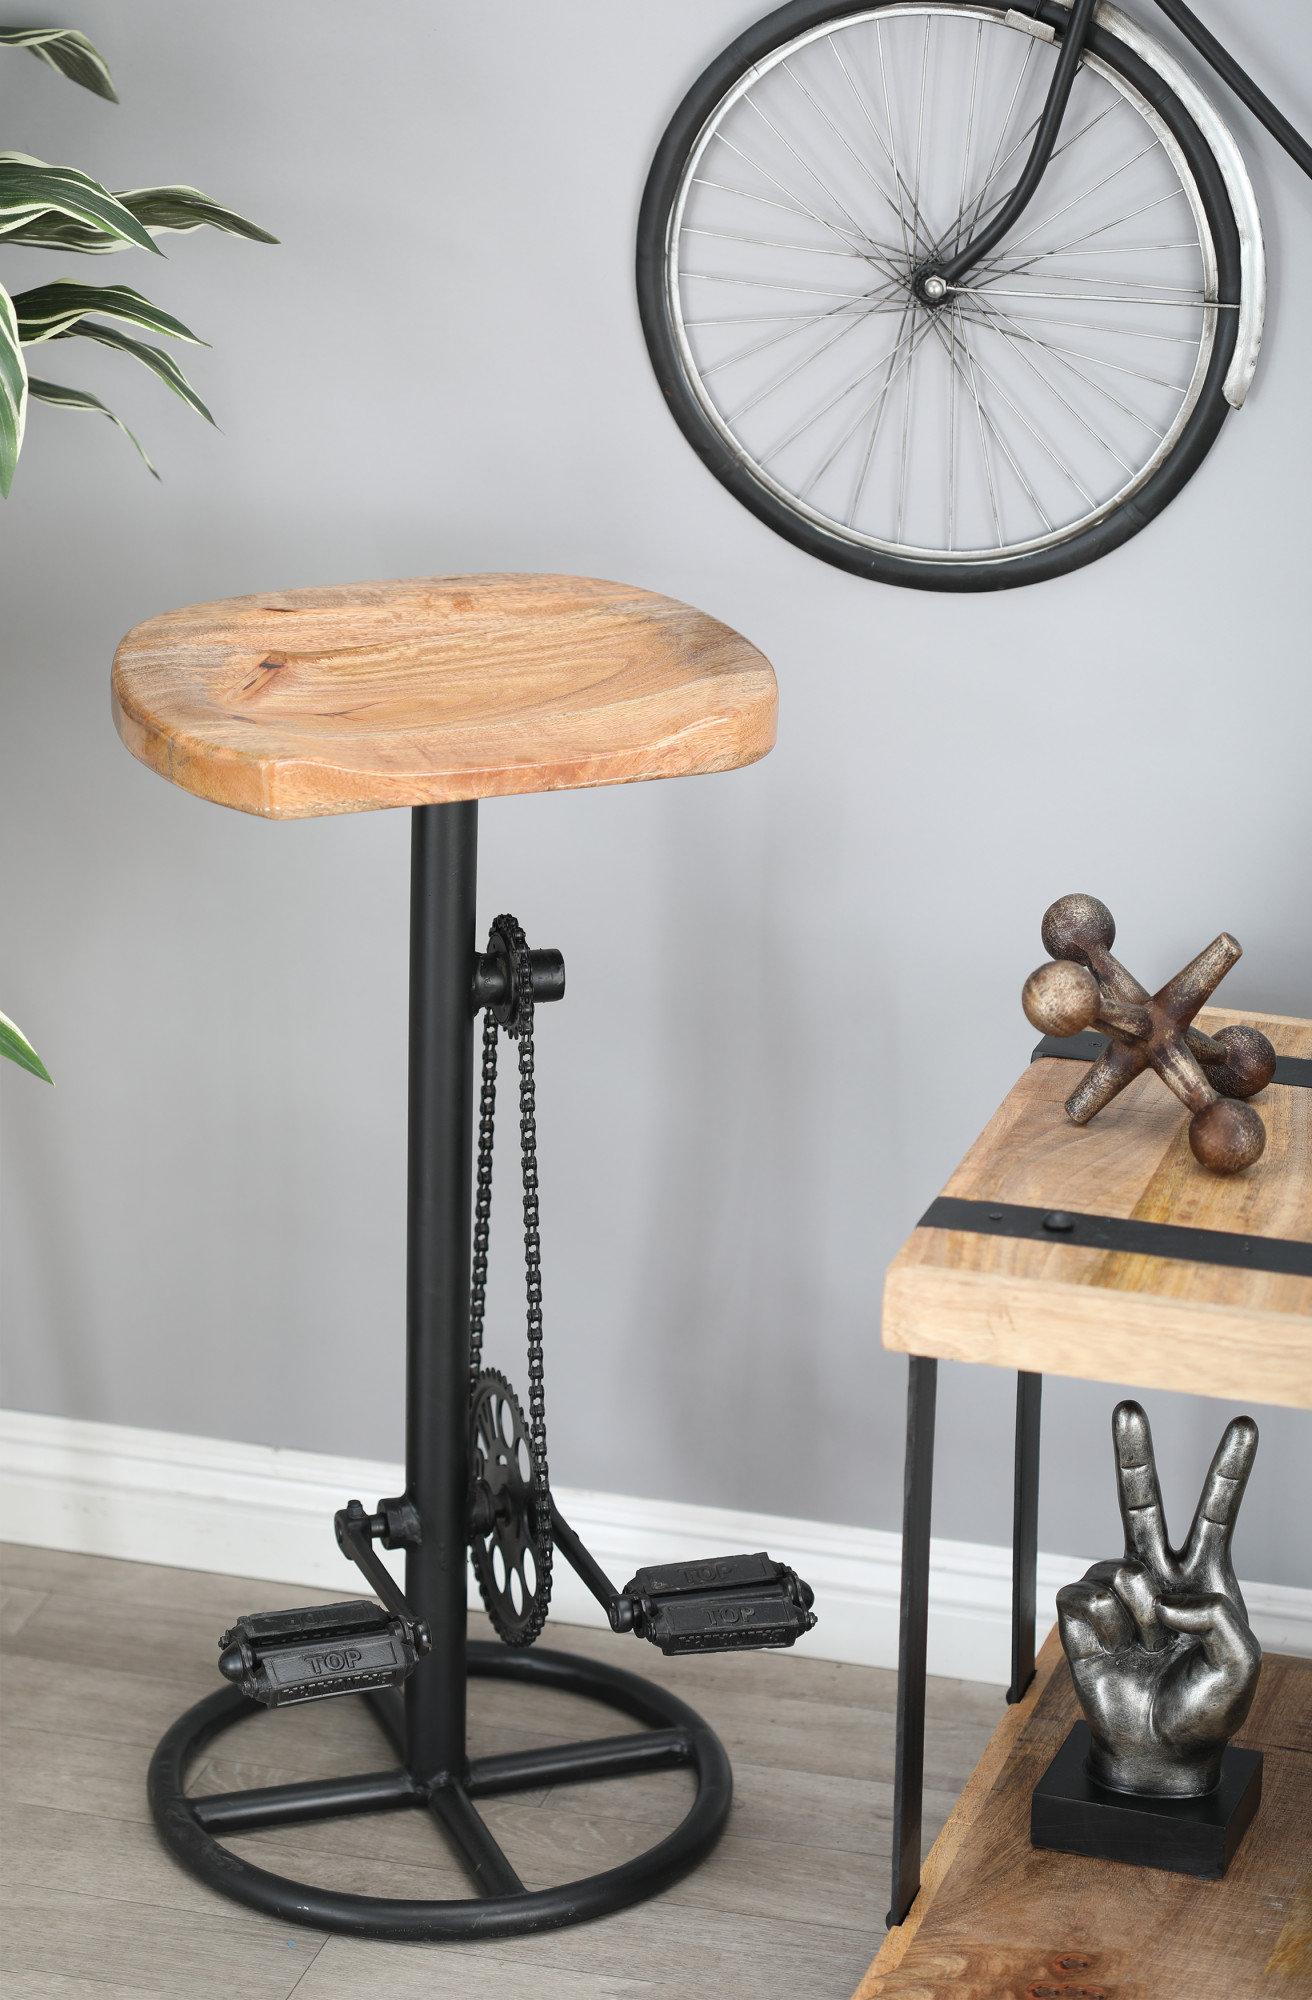 Tremendous Atalla Industrial Pedal And Gears 32 Bar Stool Inzonedesignstudio Interior Chair Design Inzonedesignstudiocom